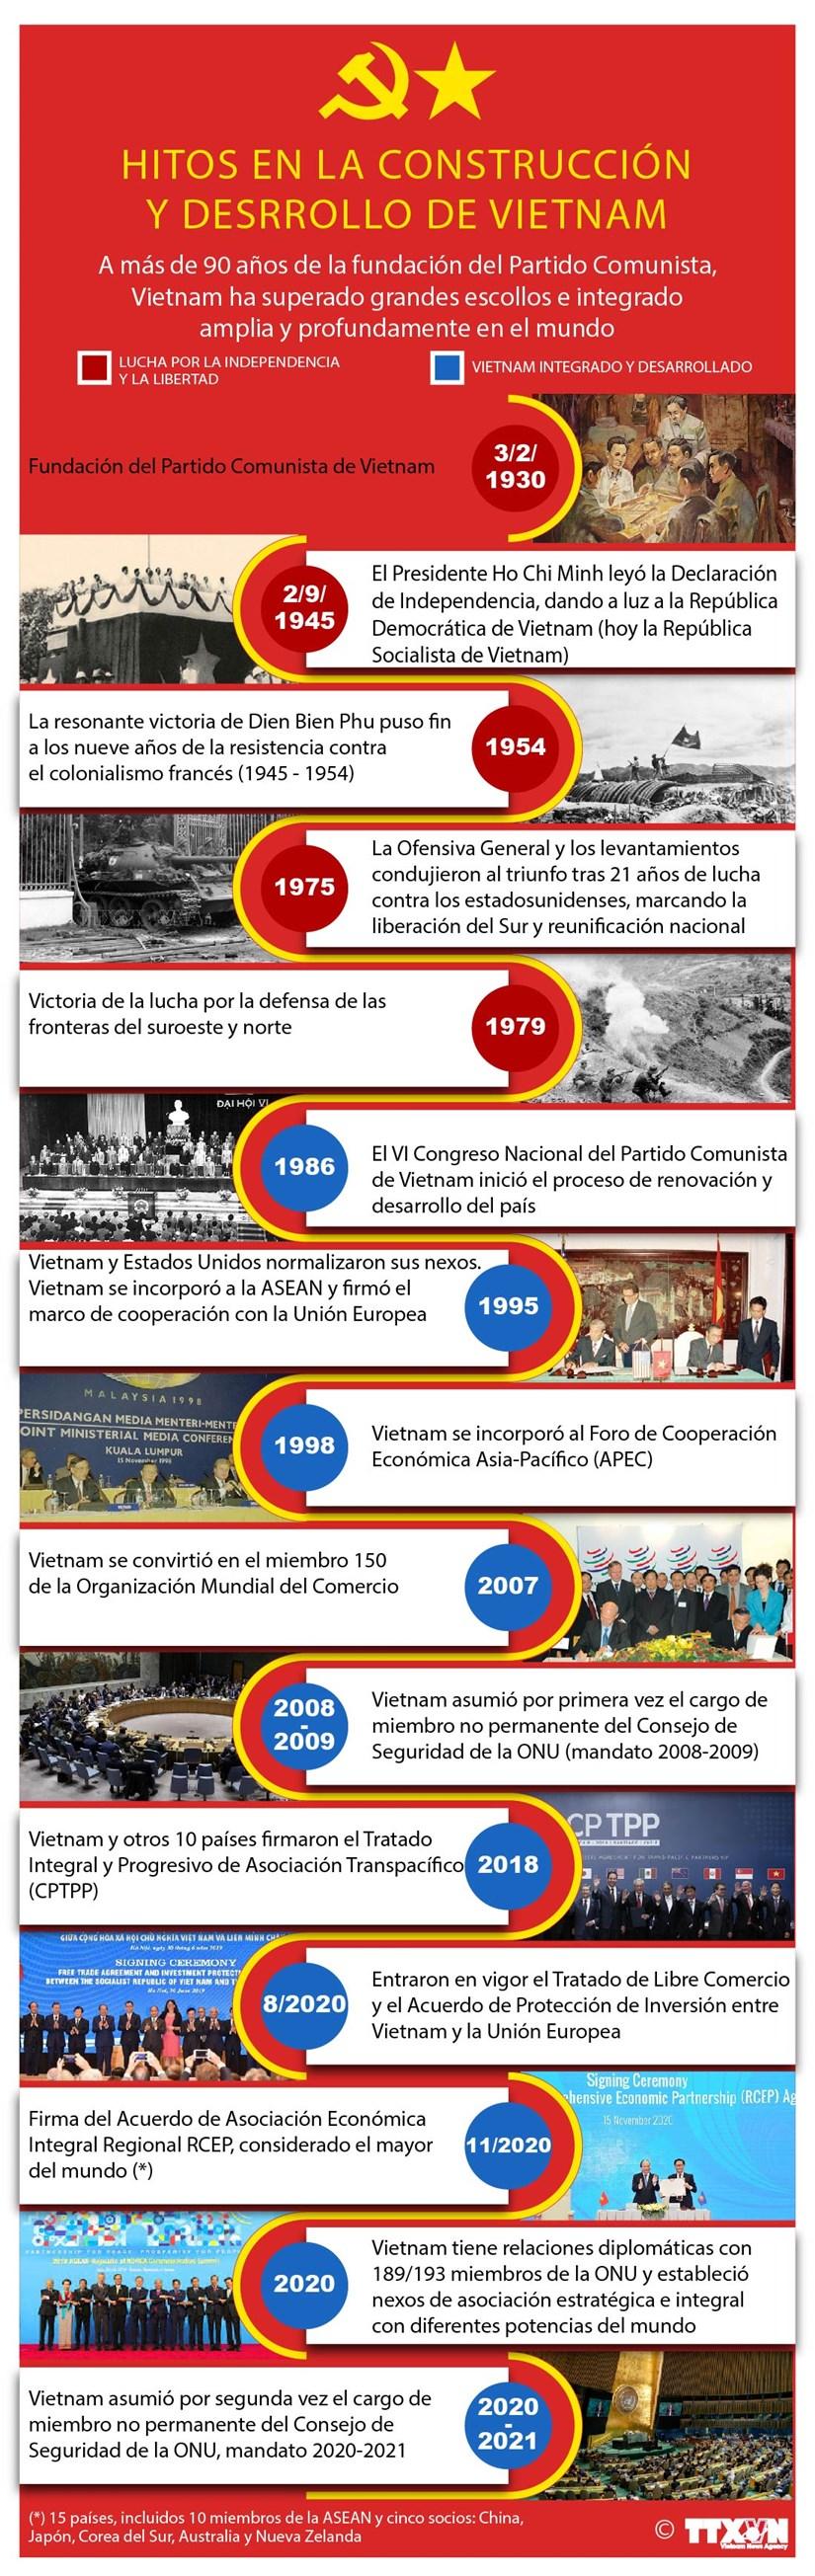 Vietnam: Hitos en la construccion y desarrollo nacional hinh anh 1